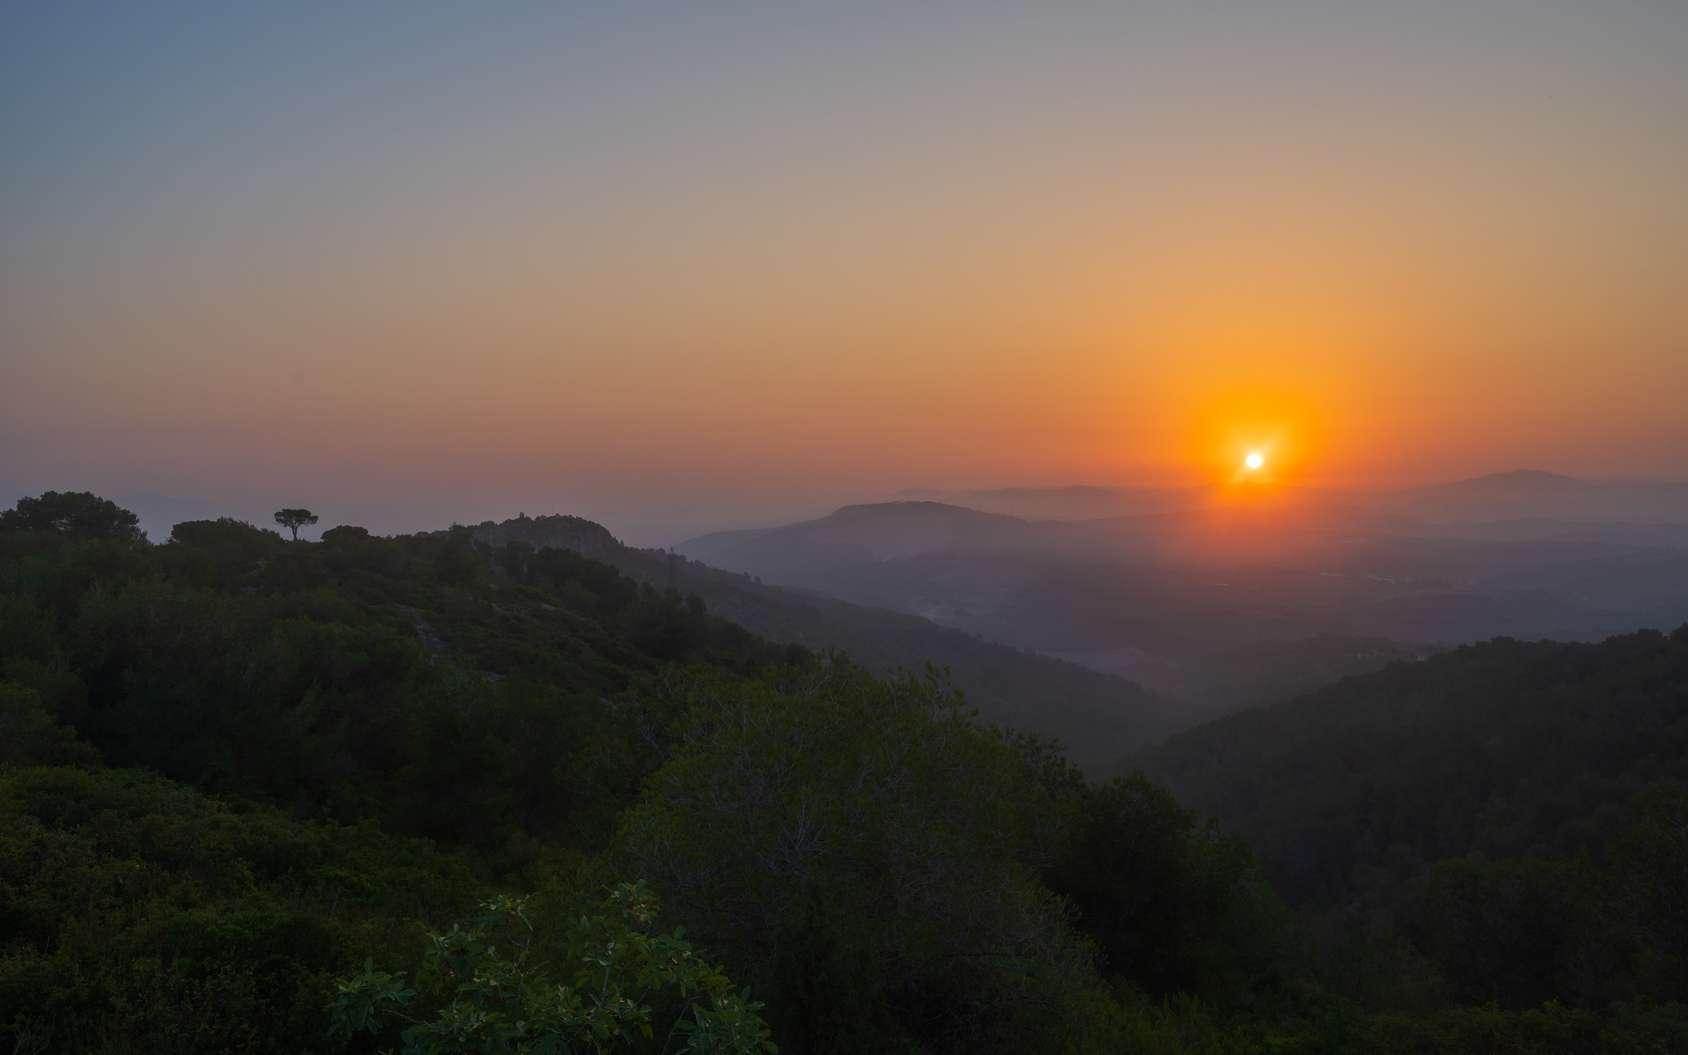 Si le Soleil se lève à l'est, c'est parce que la Terre tourne sur elle-même, d'ouest en est. © danillaophoto, Fotolia